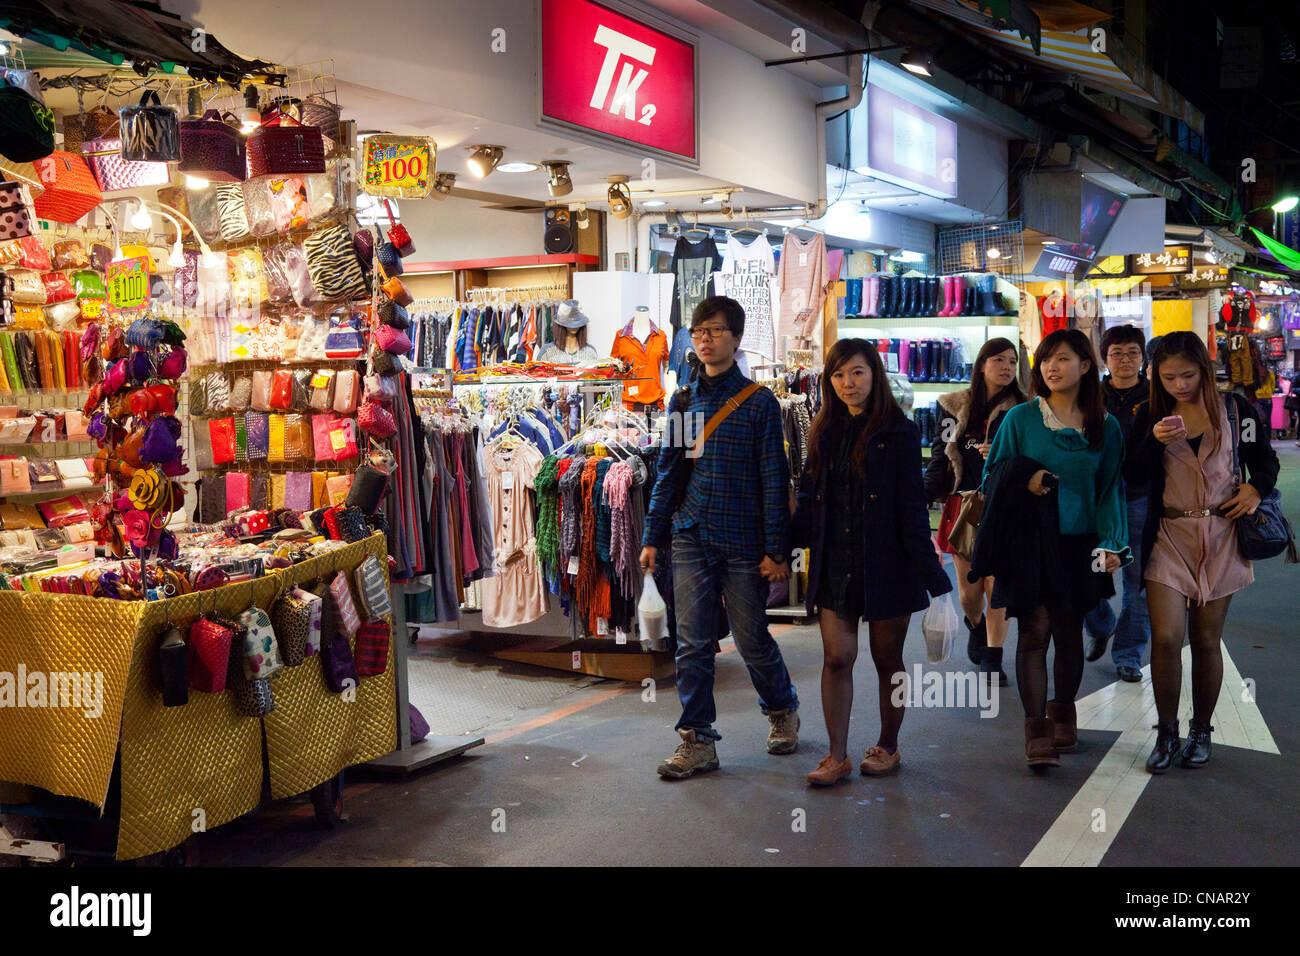 Los compradores y puestos en el Mercado Nocturno de Shilin Taipei Taiwán. JMH5997 Imagen De Stock